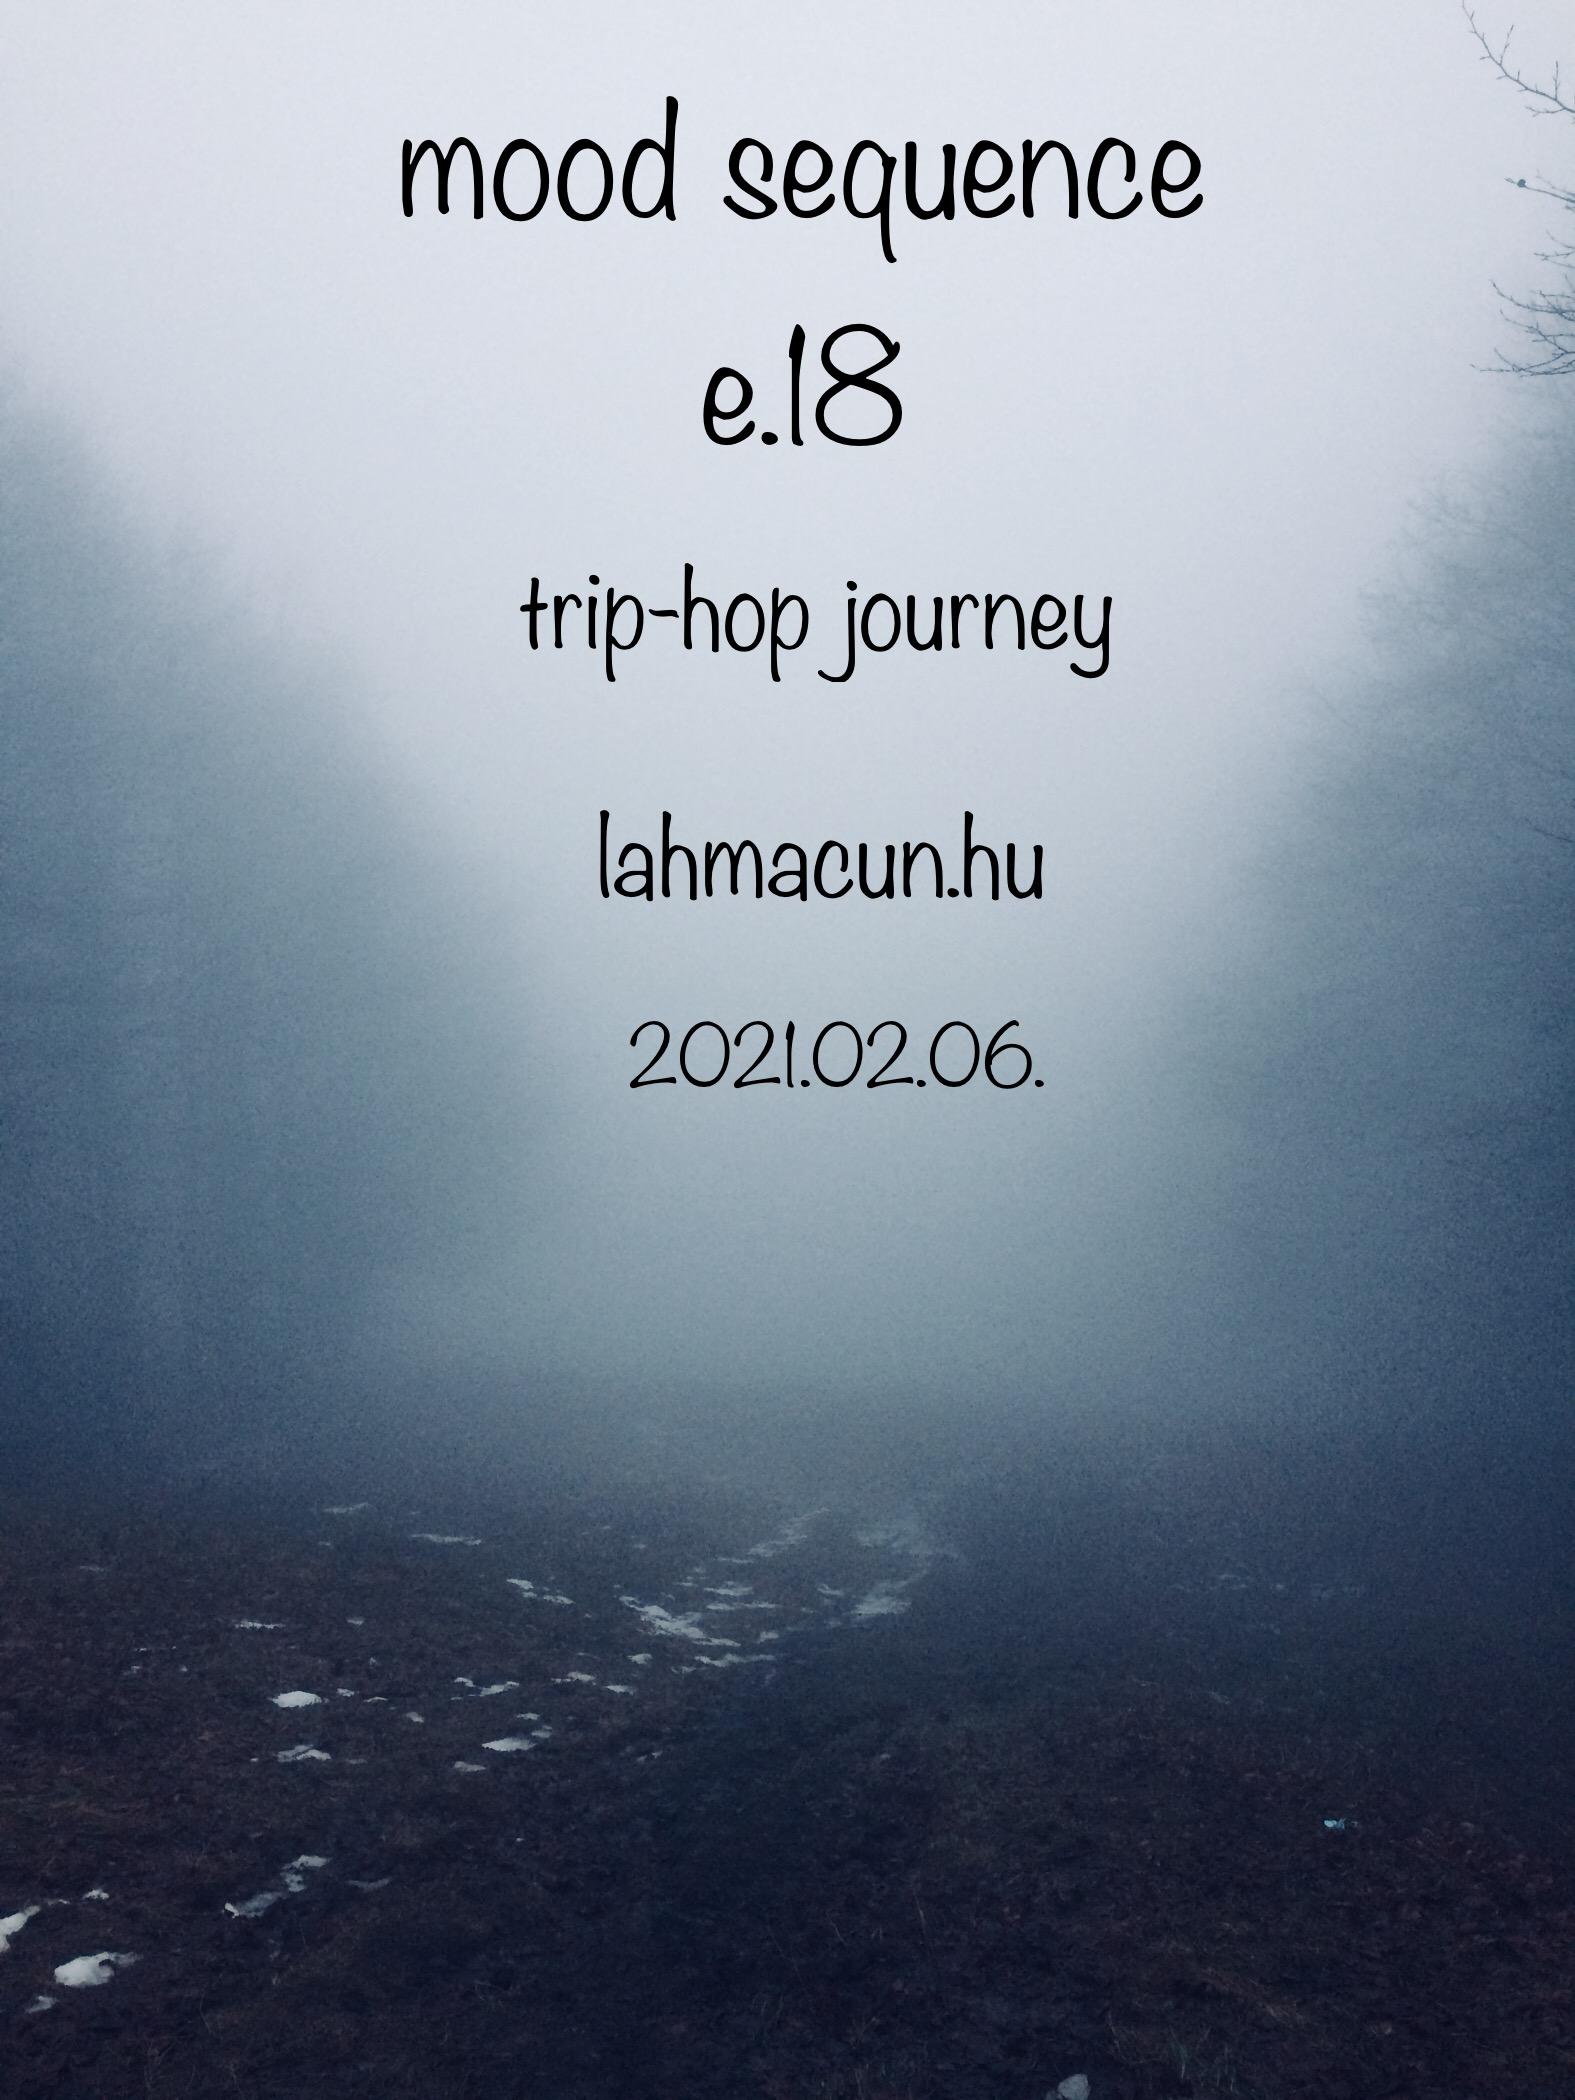 trip-hop journey